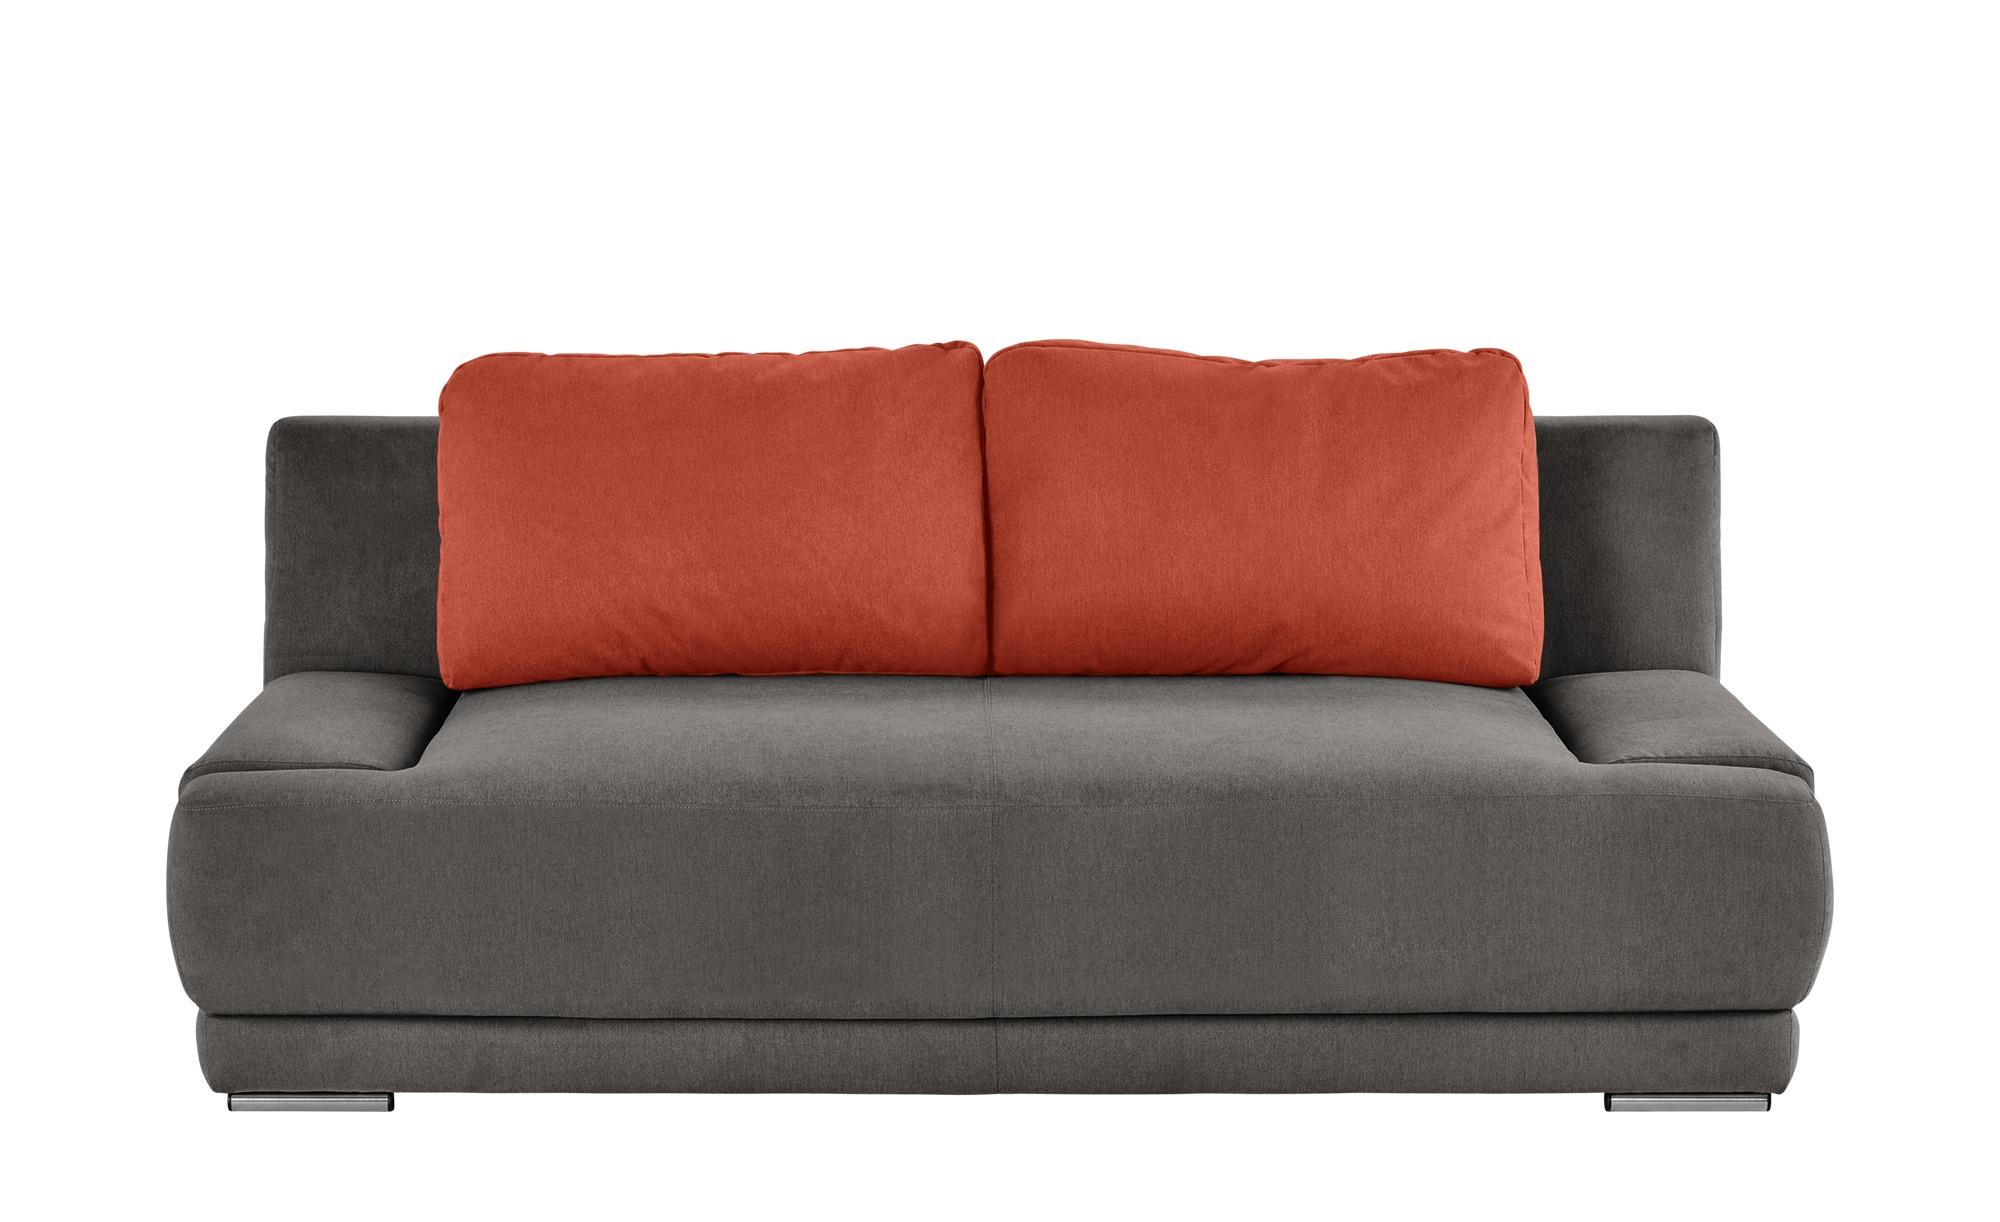 smart Schlafsofa braun/orange - Flachgewebe Regina ¦ grau ¦ Maße (cm): B: 206 H: 83 T: 98 Polstermöbel > Sofas > 2-Sitzer - Höffner